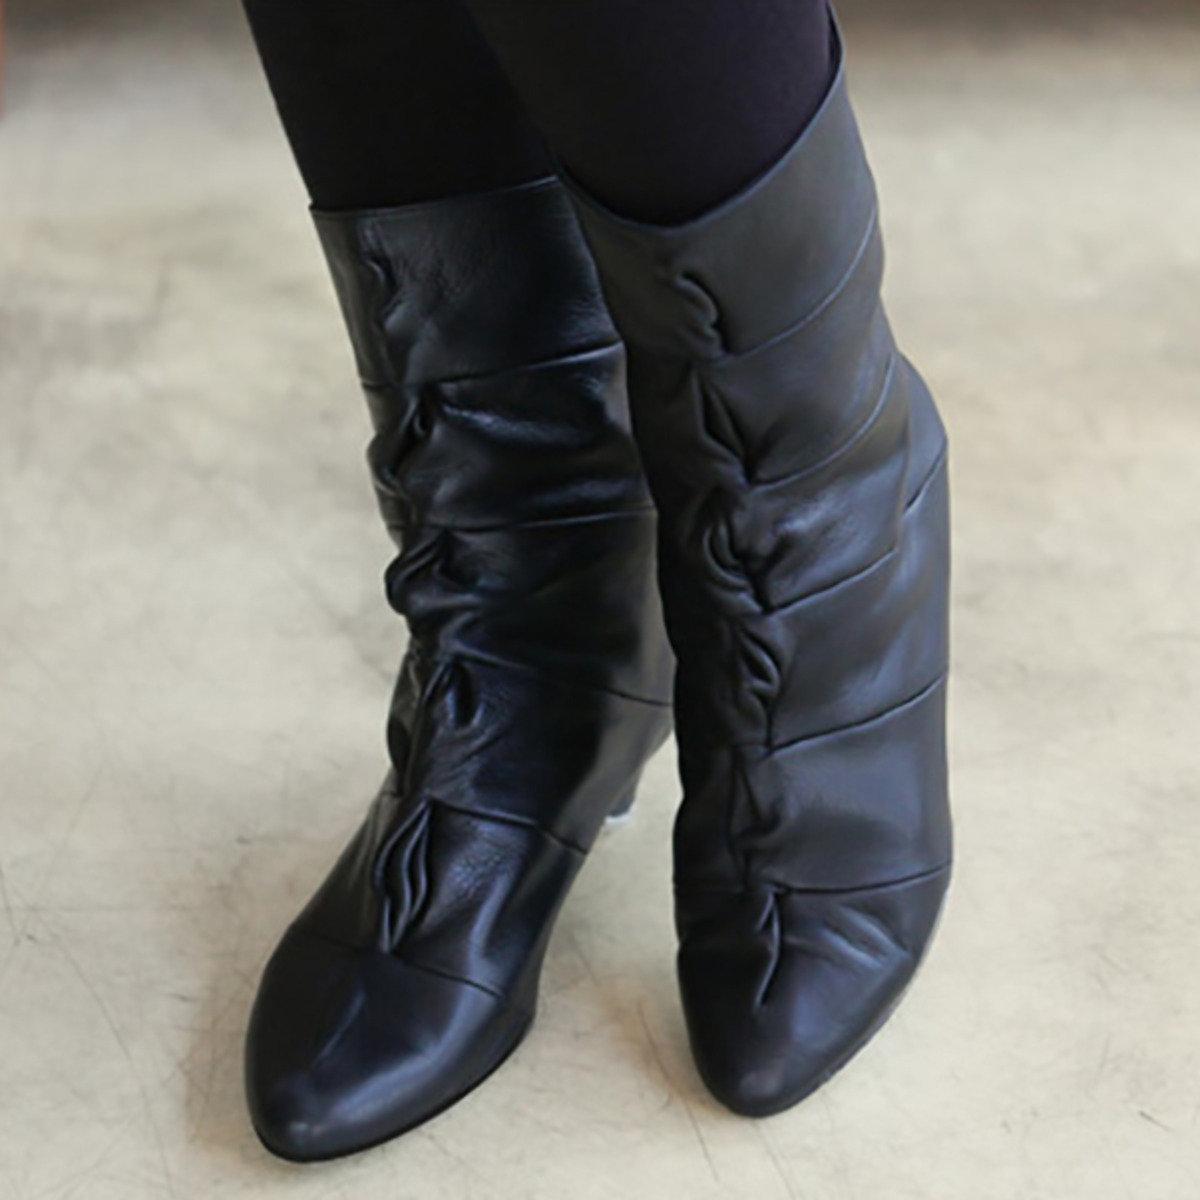 扭紋縐褶低跟中靴_s3323